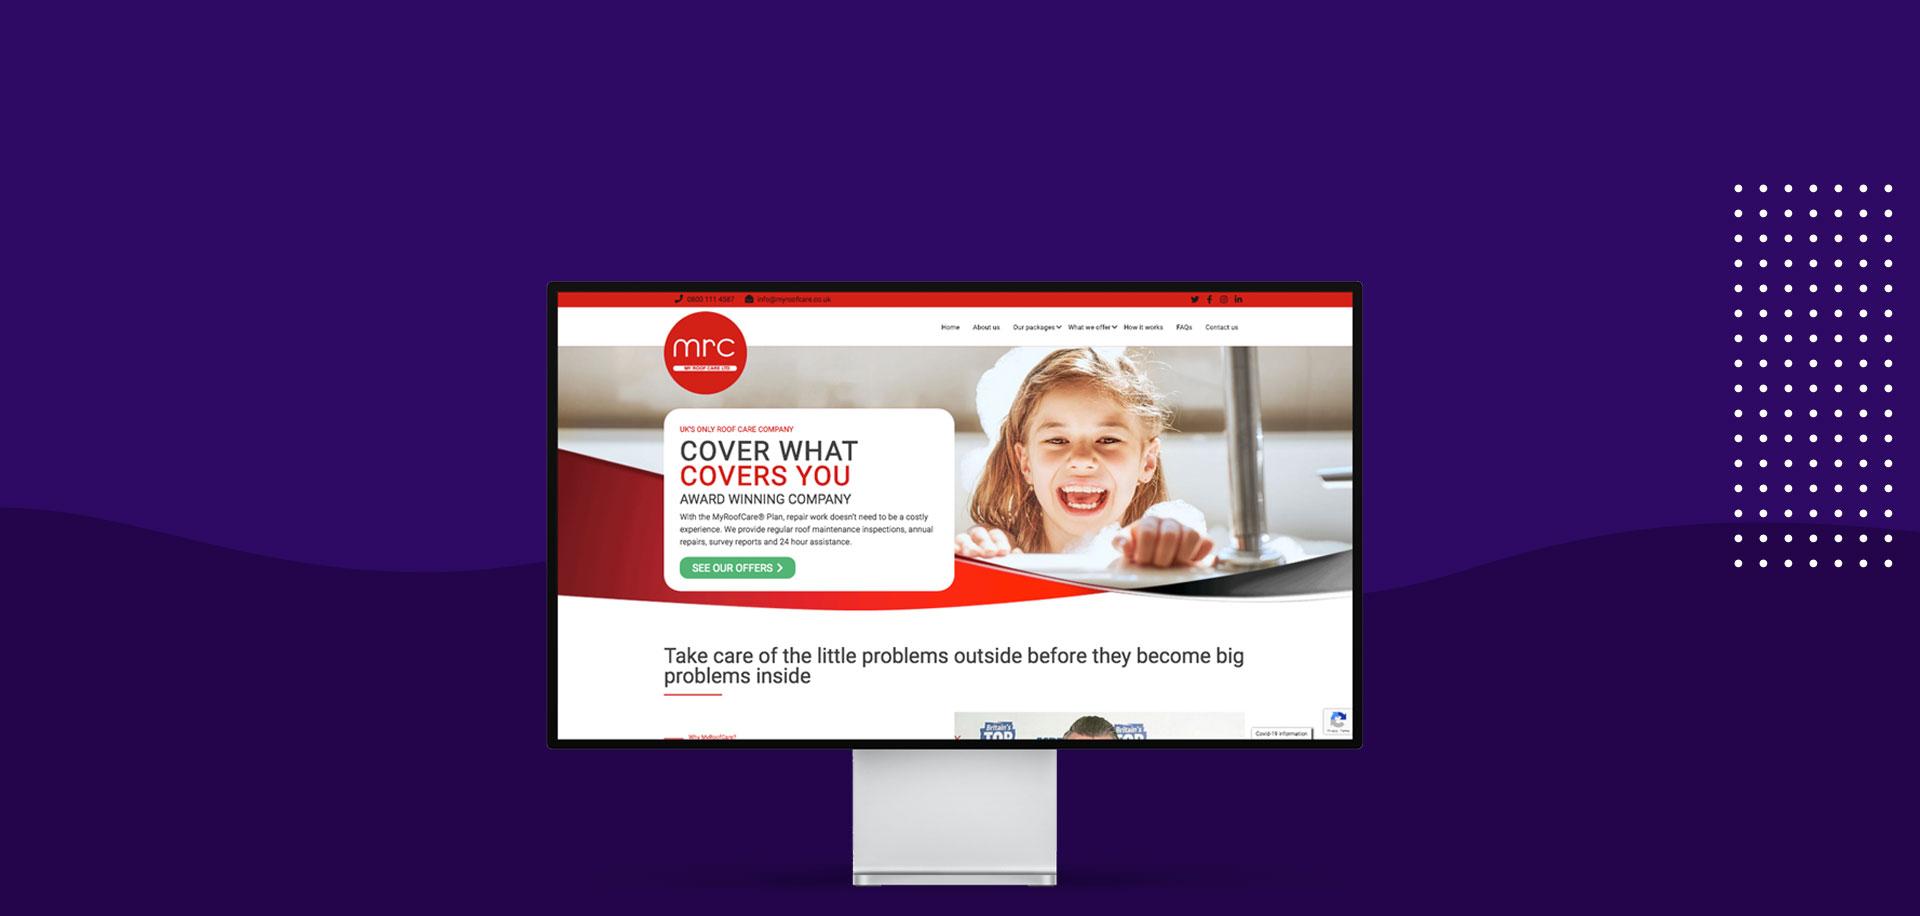 MyRoofCare website example display